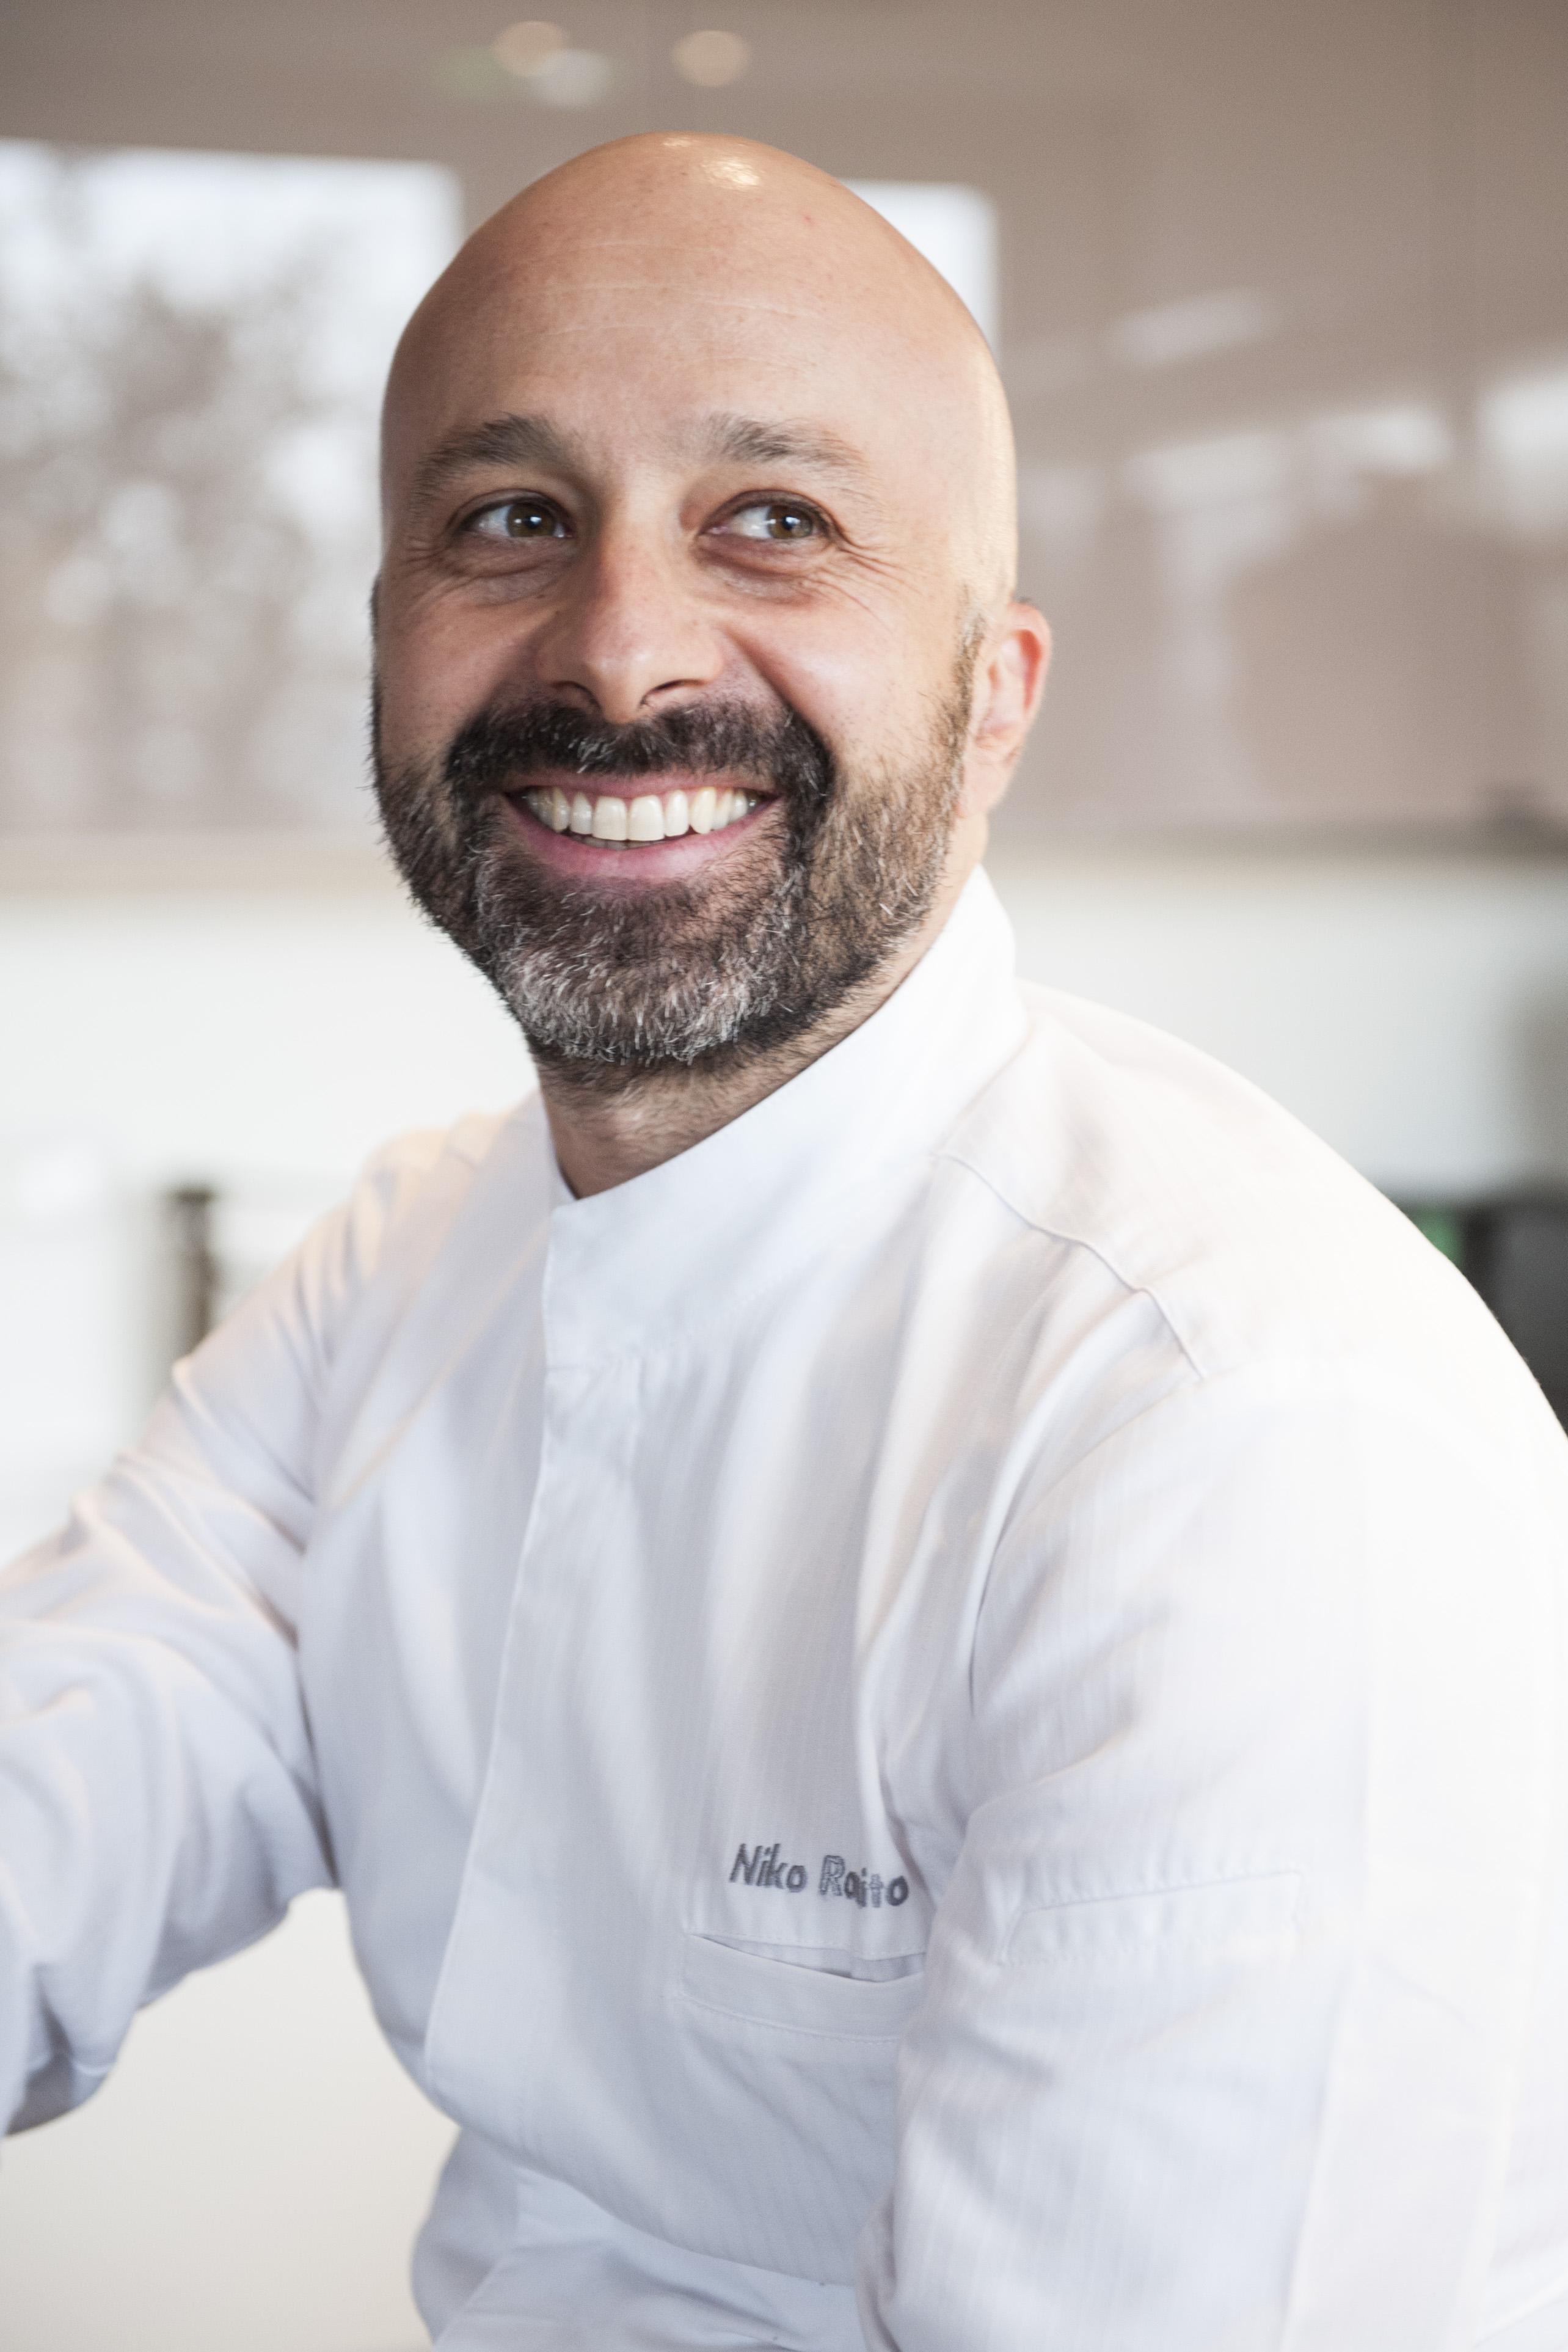 niko-romito-chef-cuoco-cucina-food